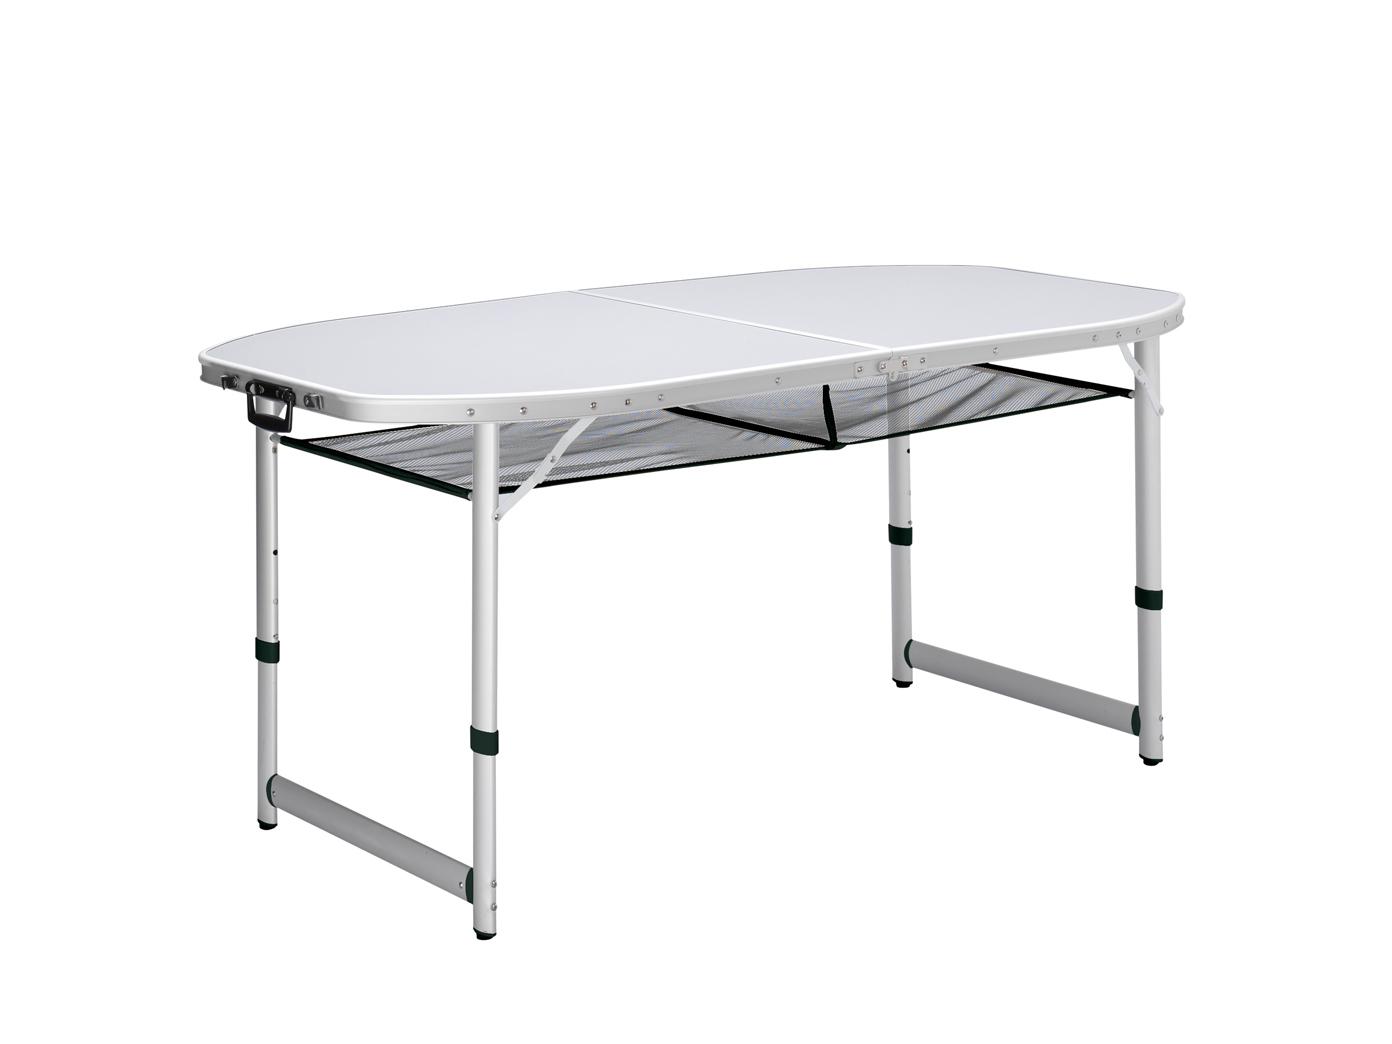 Klapptisch Campingtisch Gartentisch Gartentisch Gartentisch Falttisch mit Aufbewahrungsnetz wetterfest 1ebfe1